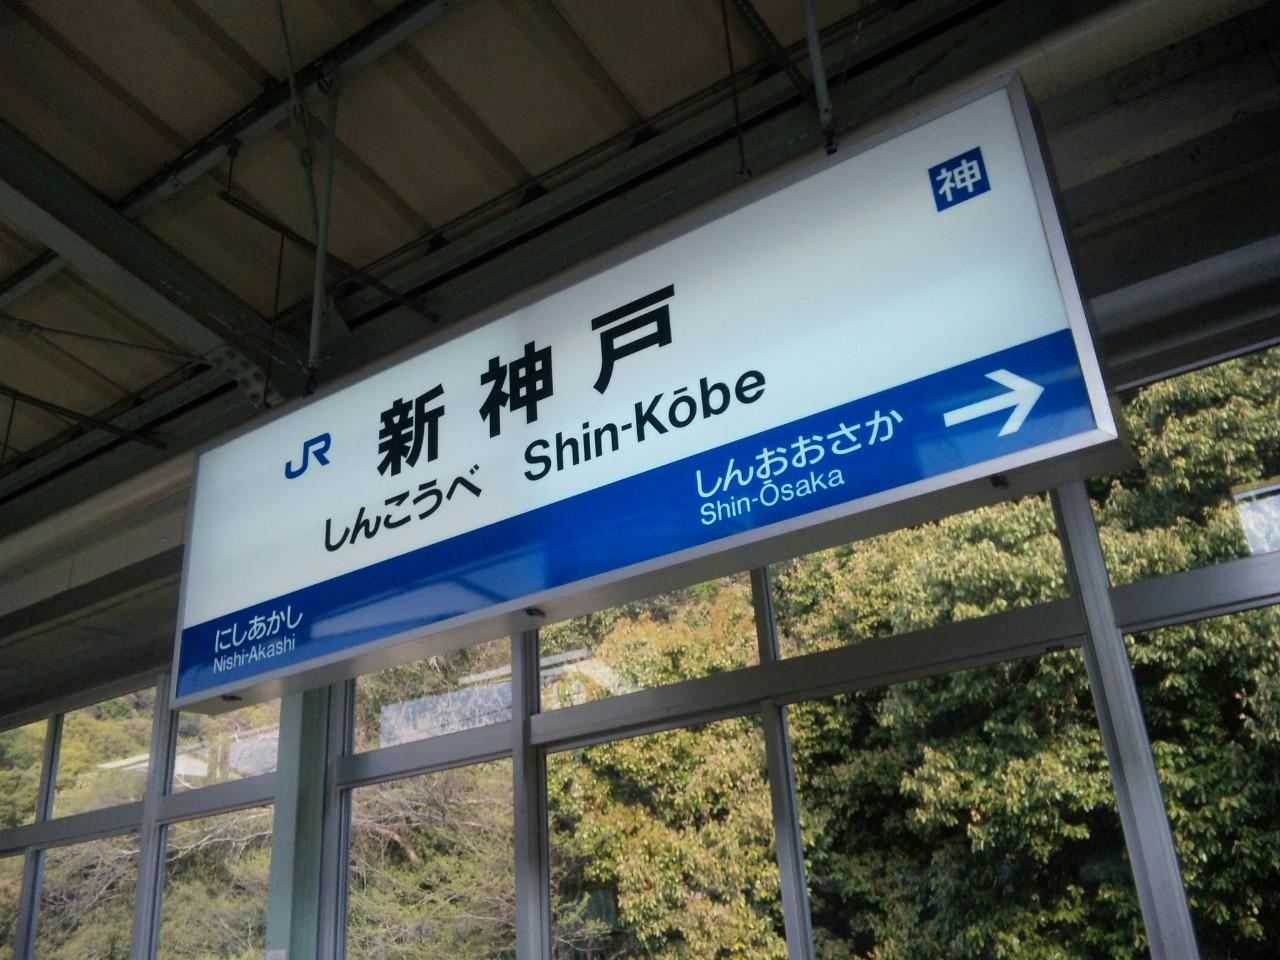 横浜日帰り出張